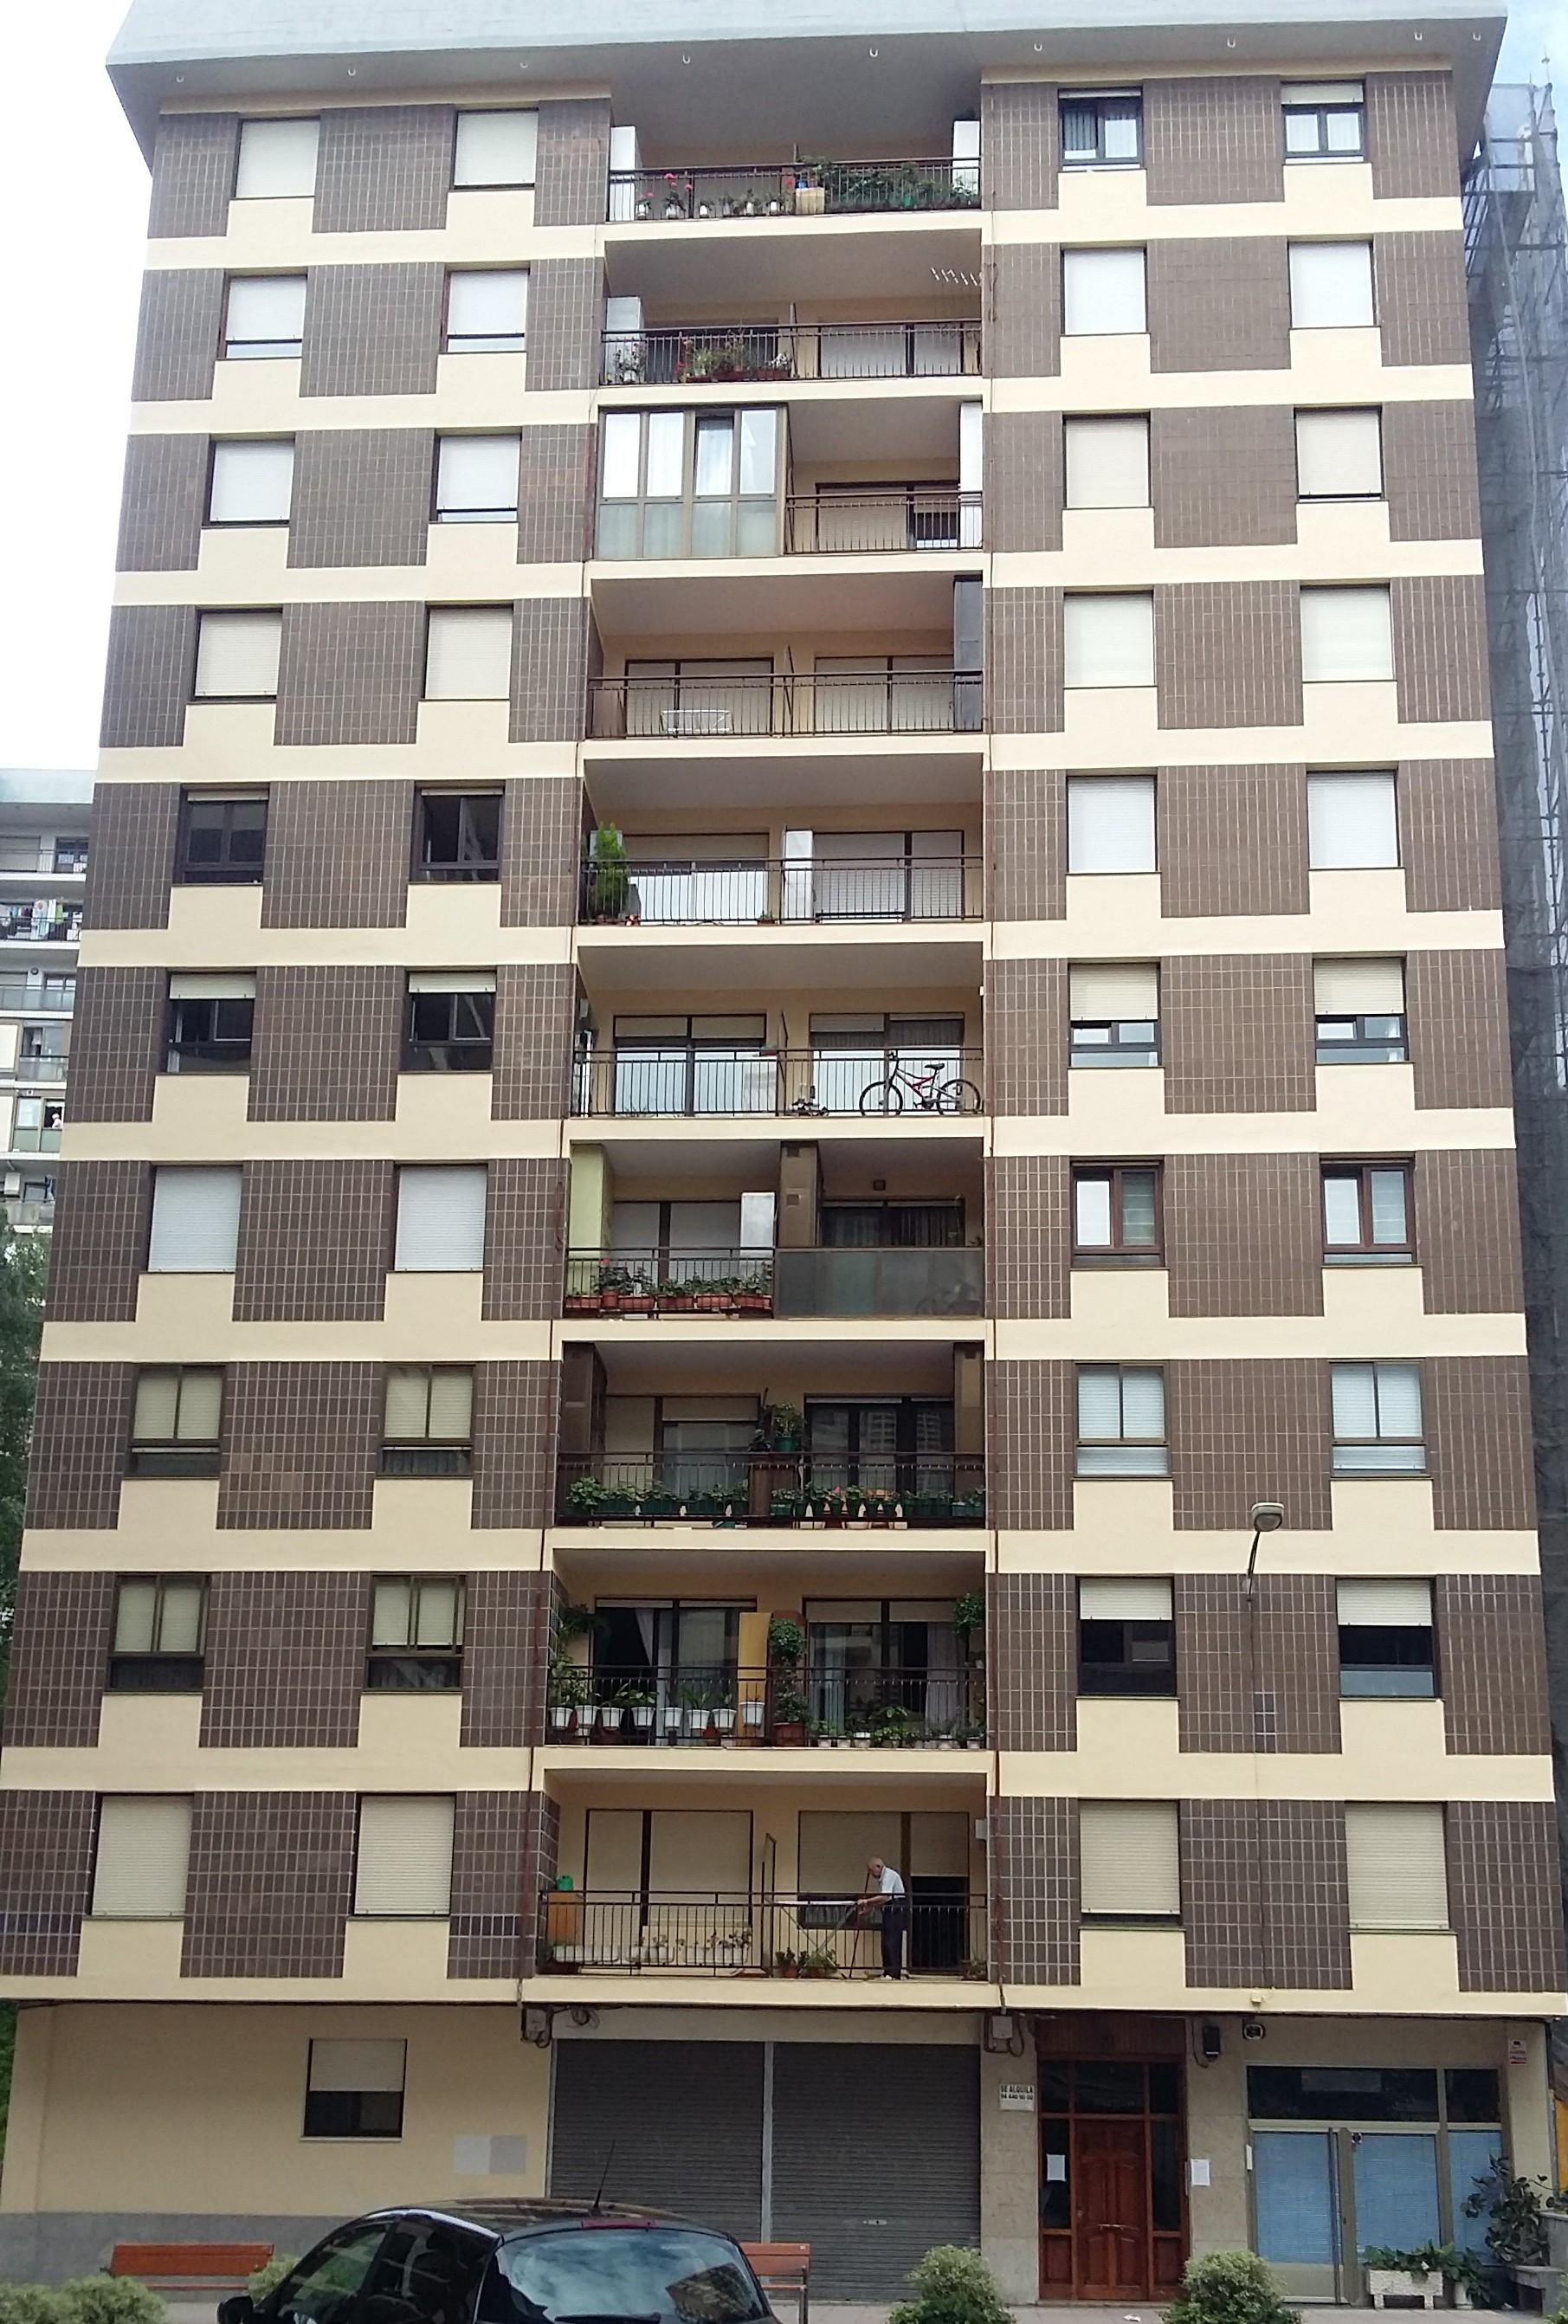 Rehabilitación fachadas Karmelo Torre 23 Basauri